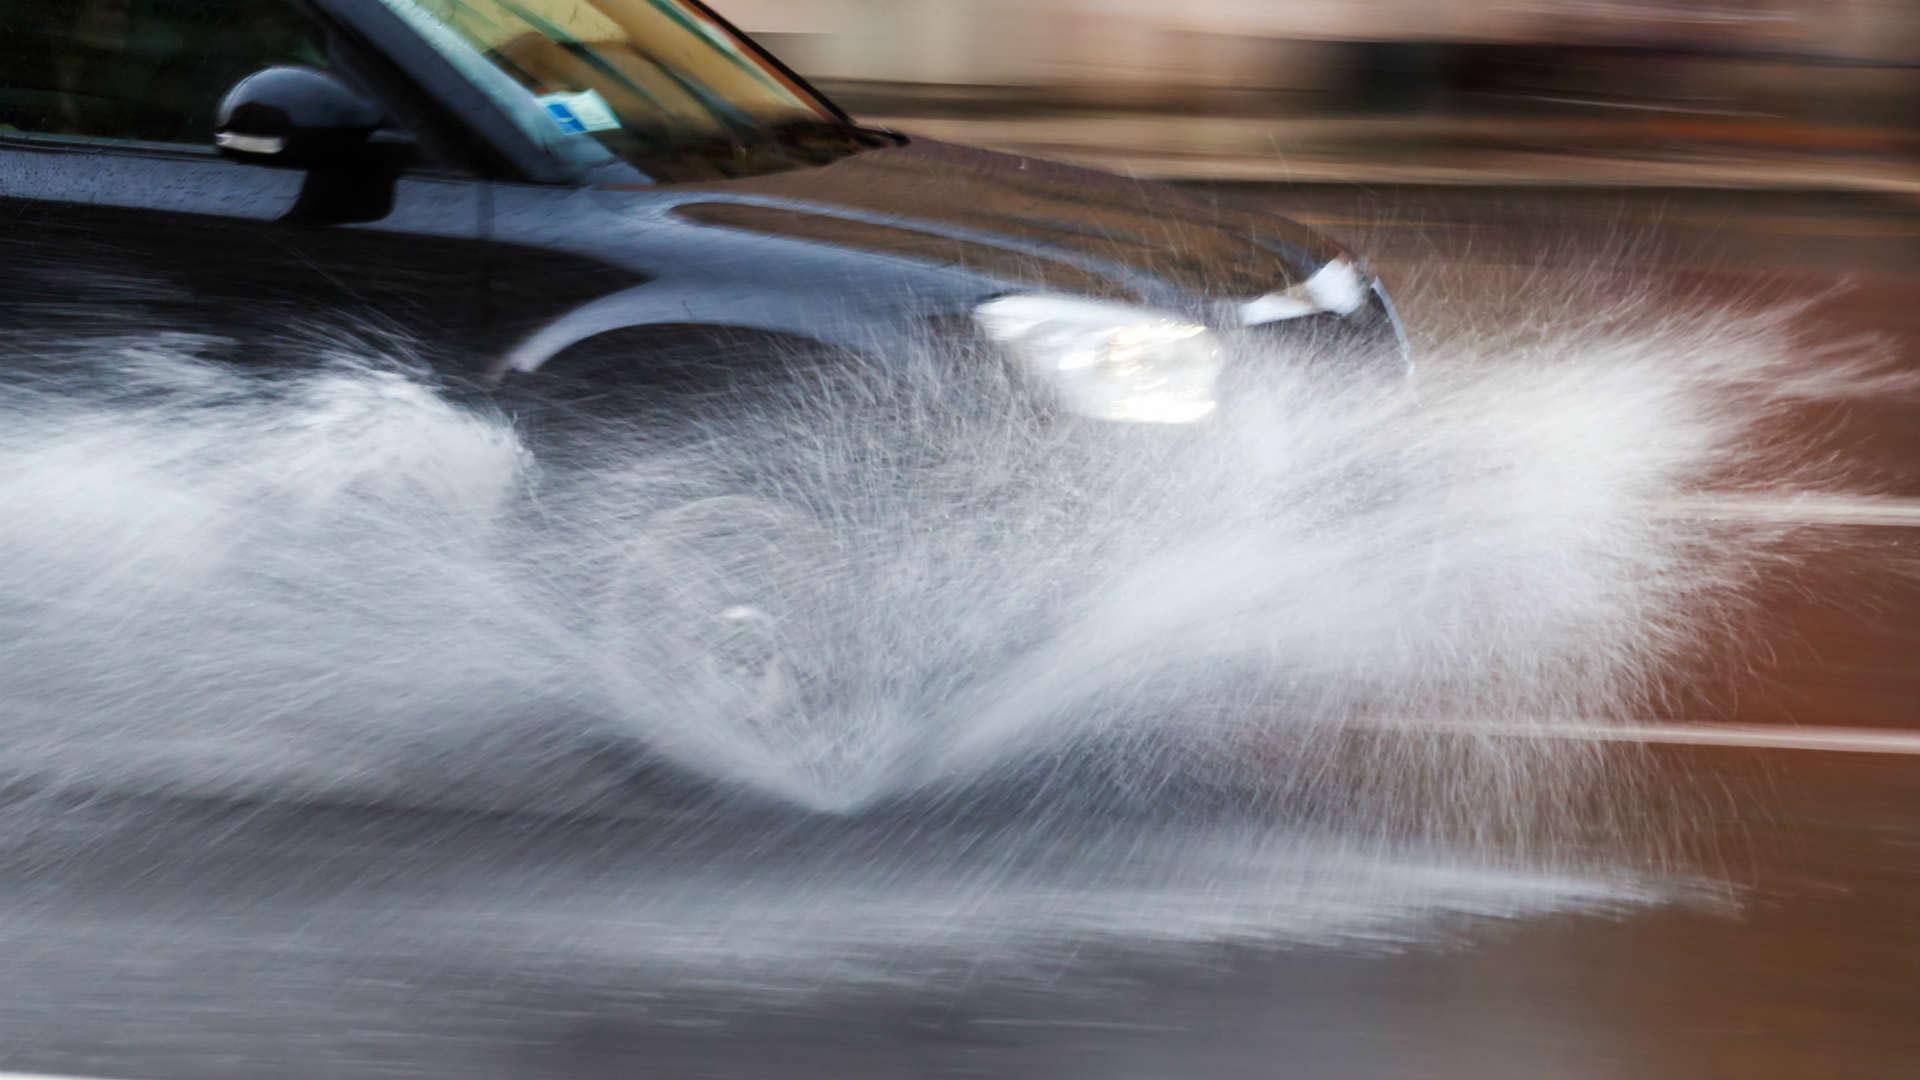 Splashing pedestrians advice